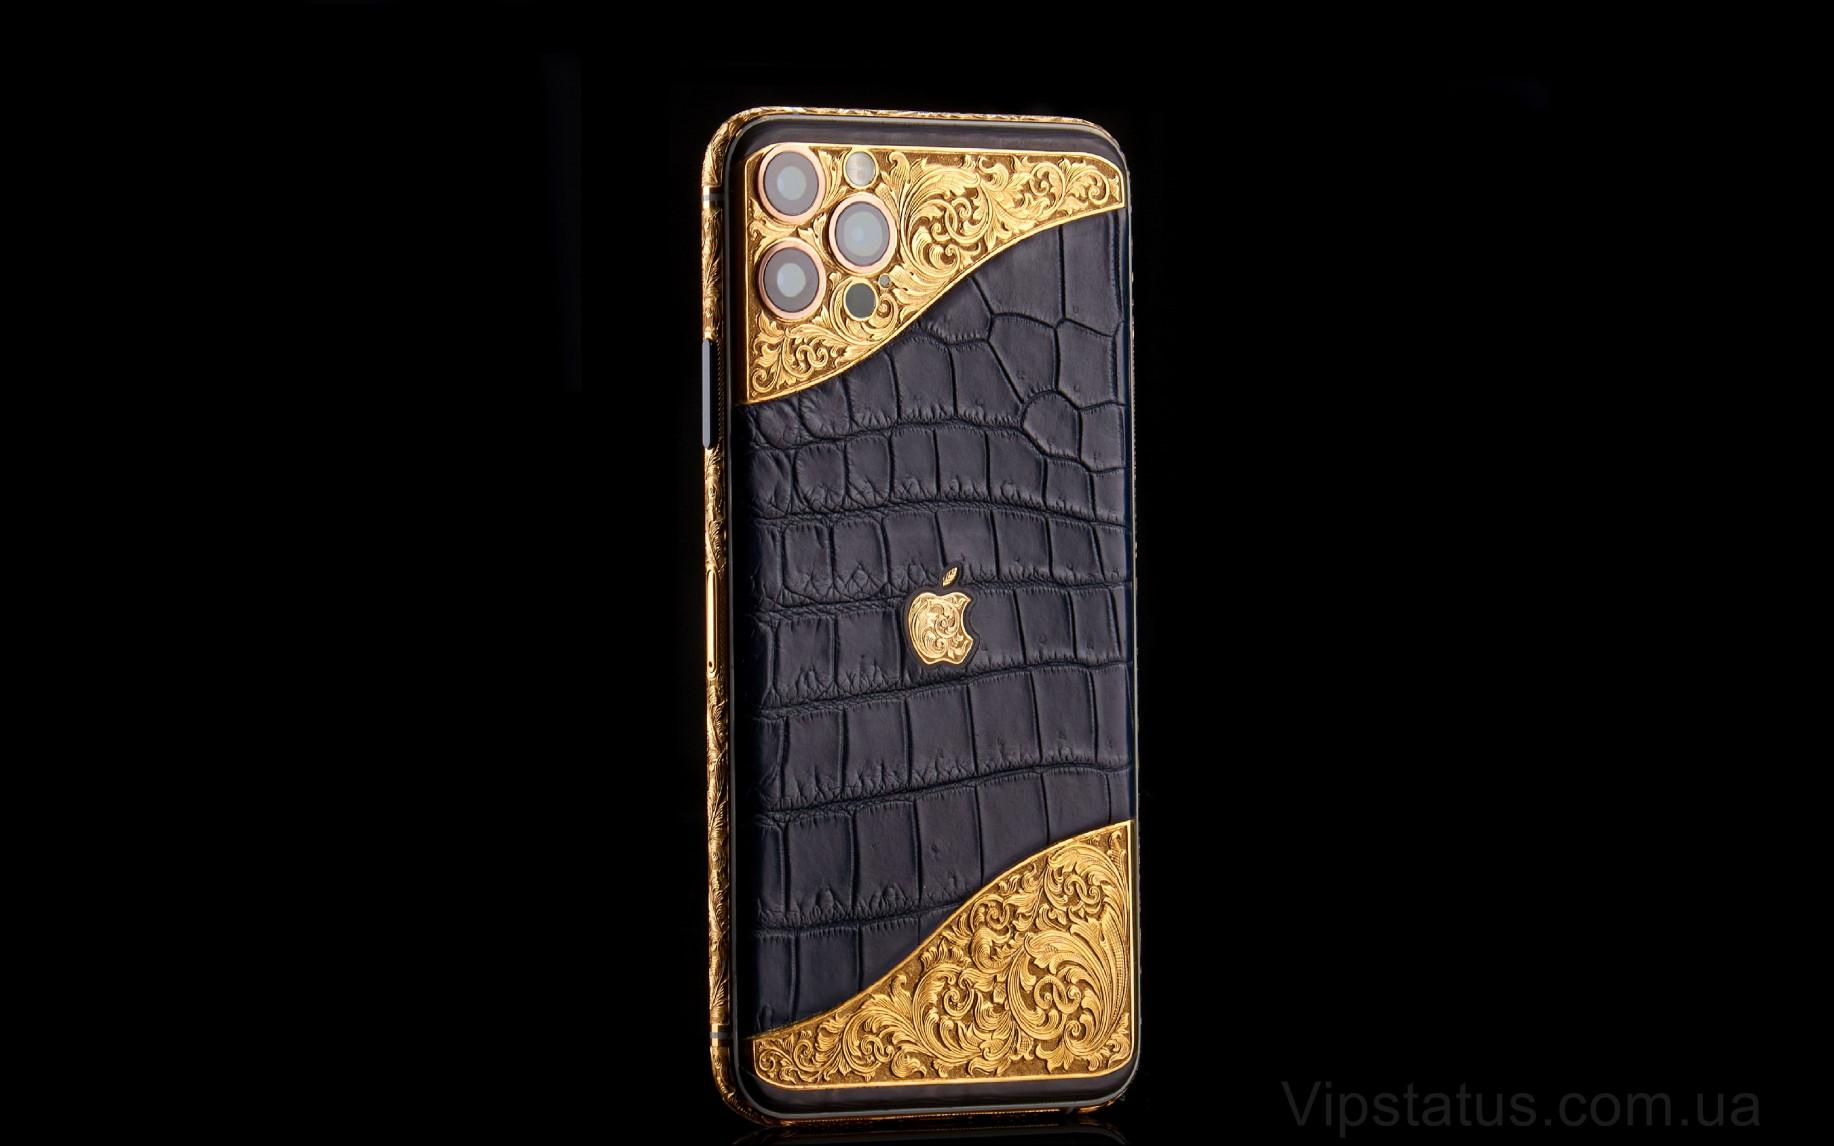 Elite Gold Aristocrate IPHONE 12 PRO MAX 512 GB Gold Aristocrate IPHONE 12 PRO MAX 512 GB image 1